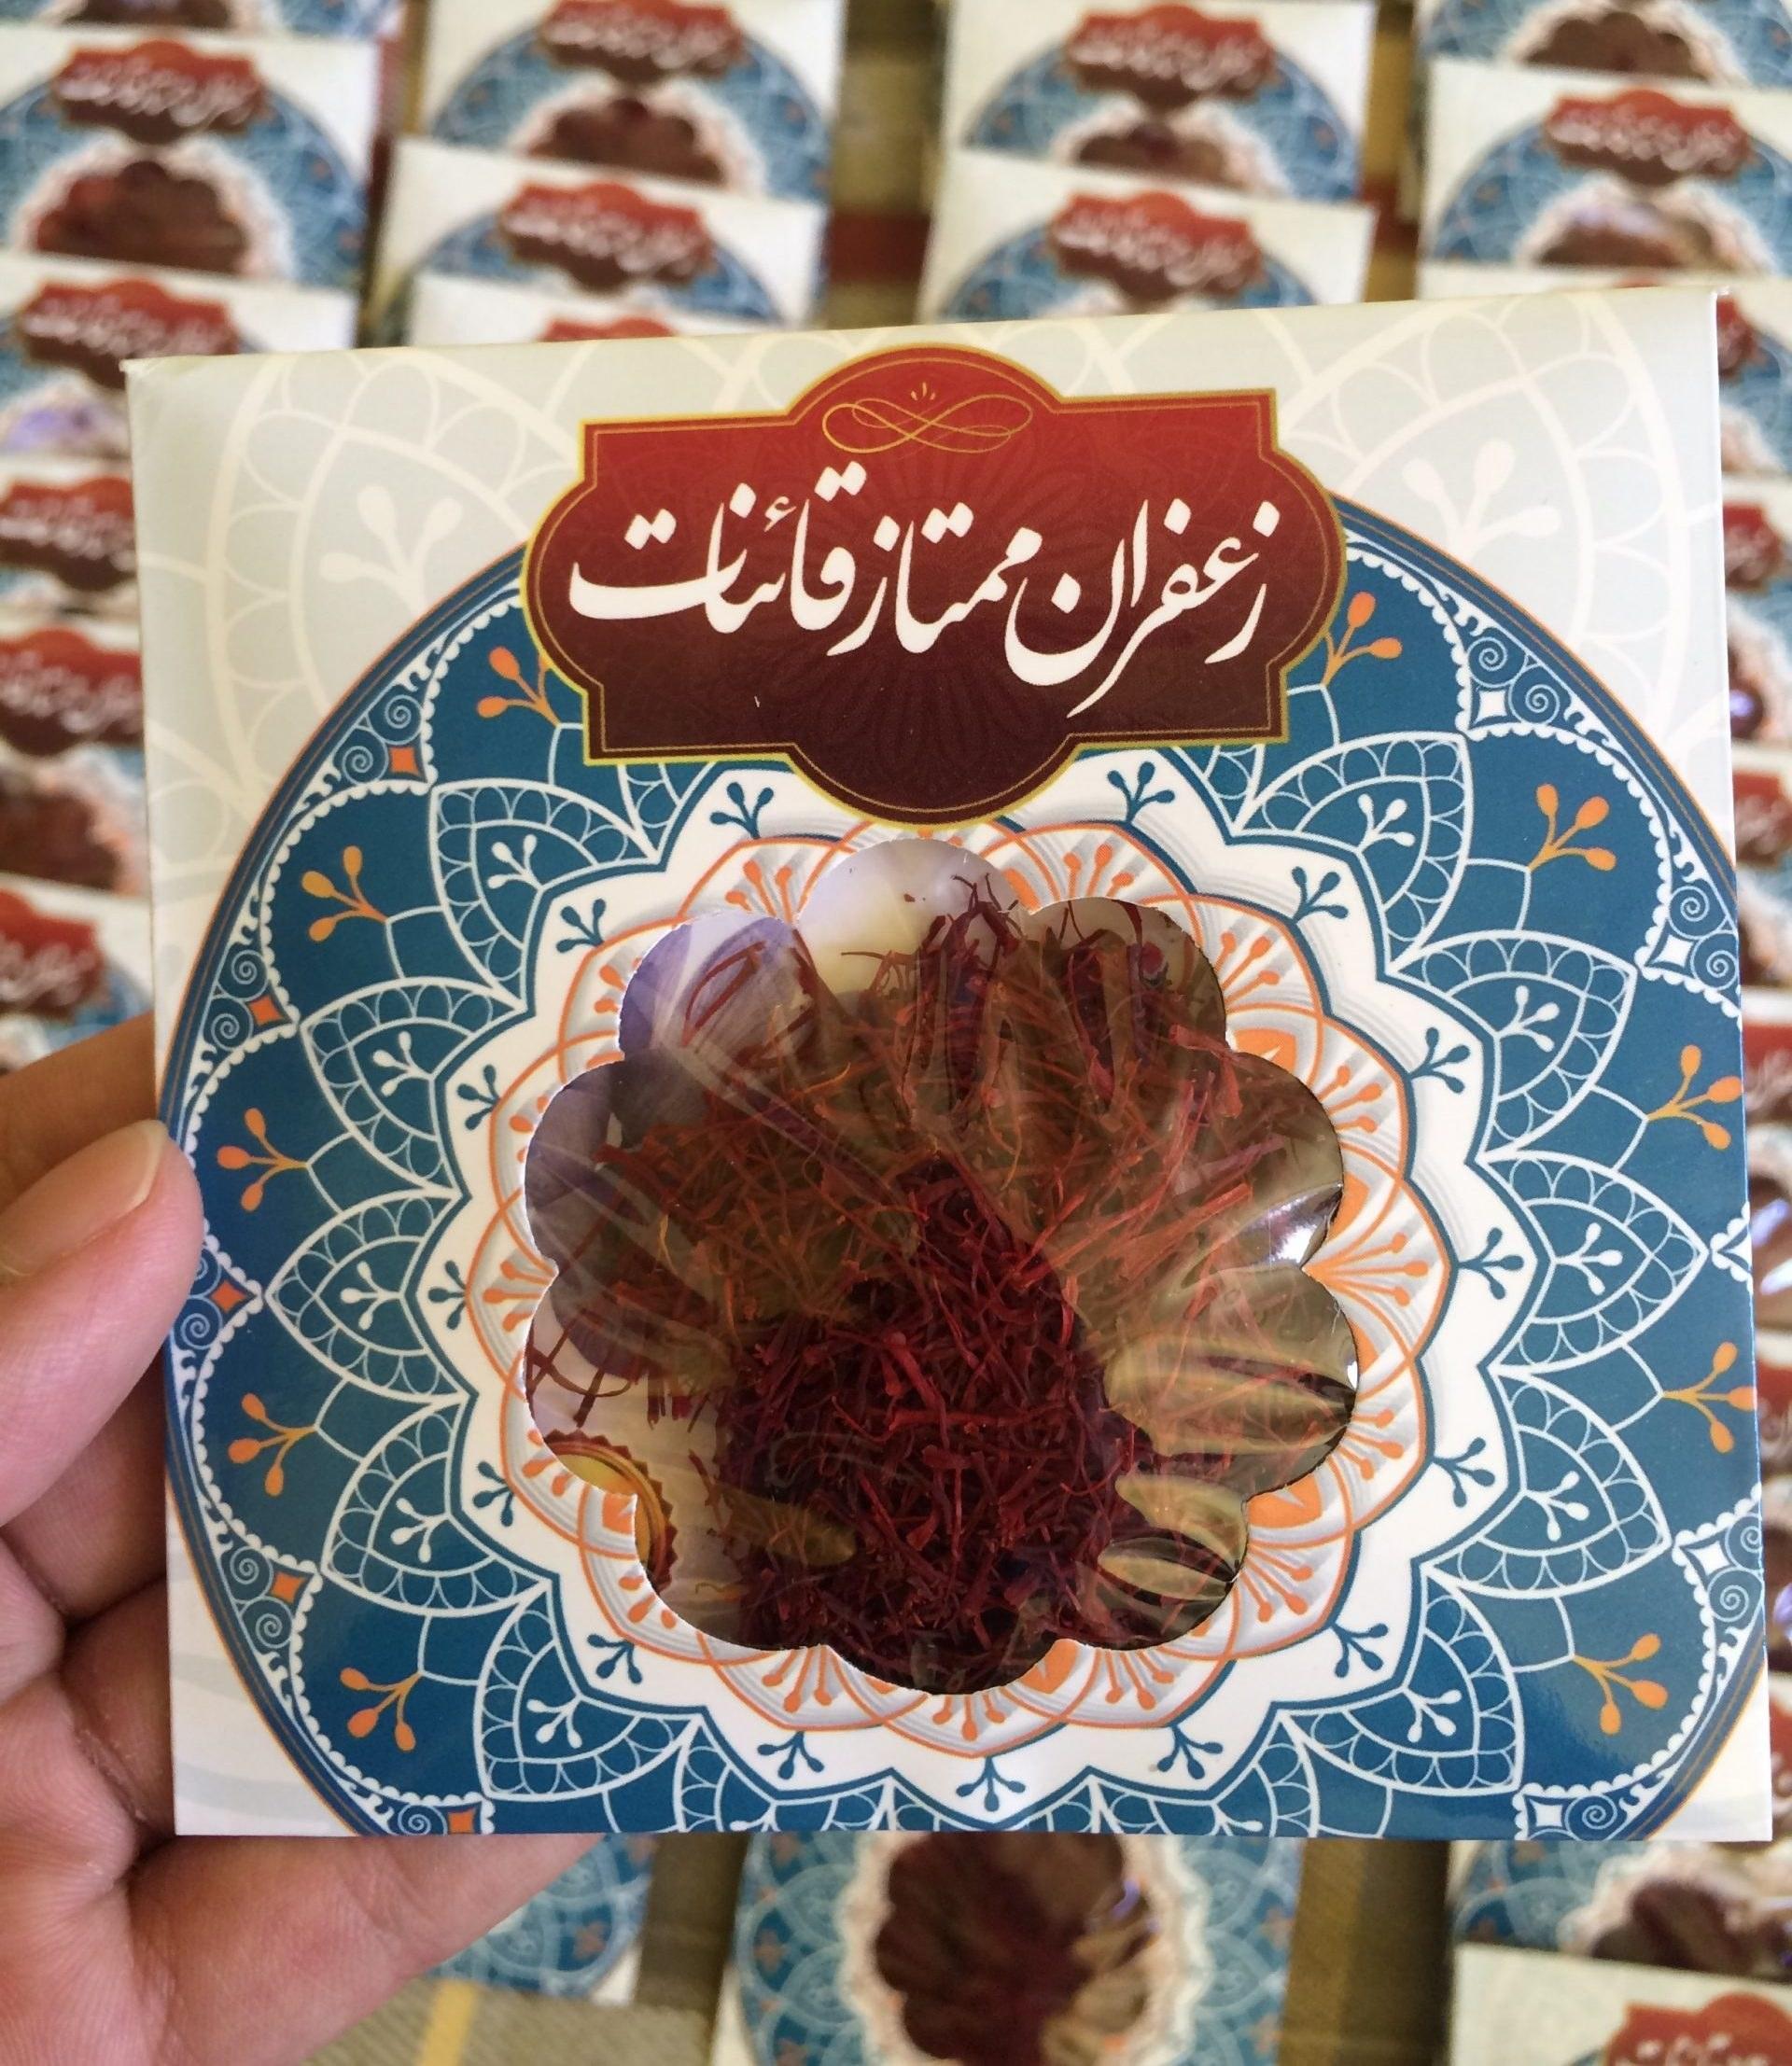 تصویر زعفران سرگل نگین یک مثقالی پاکتی نجوان (قائنات)